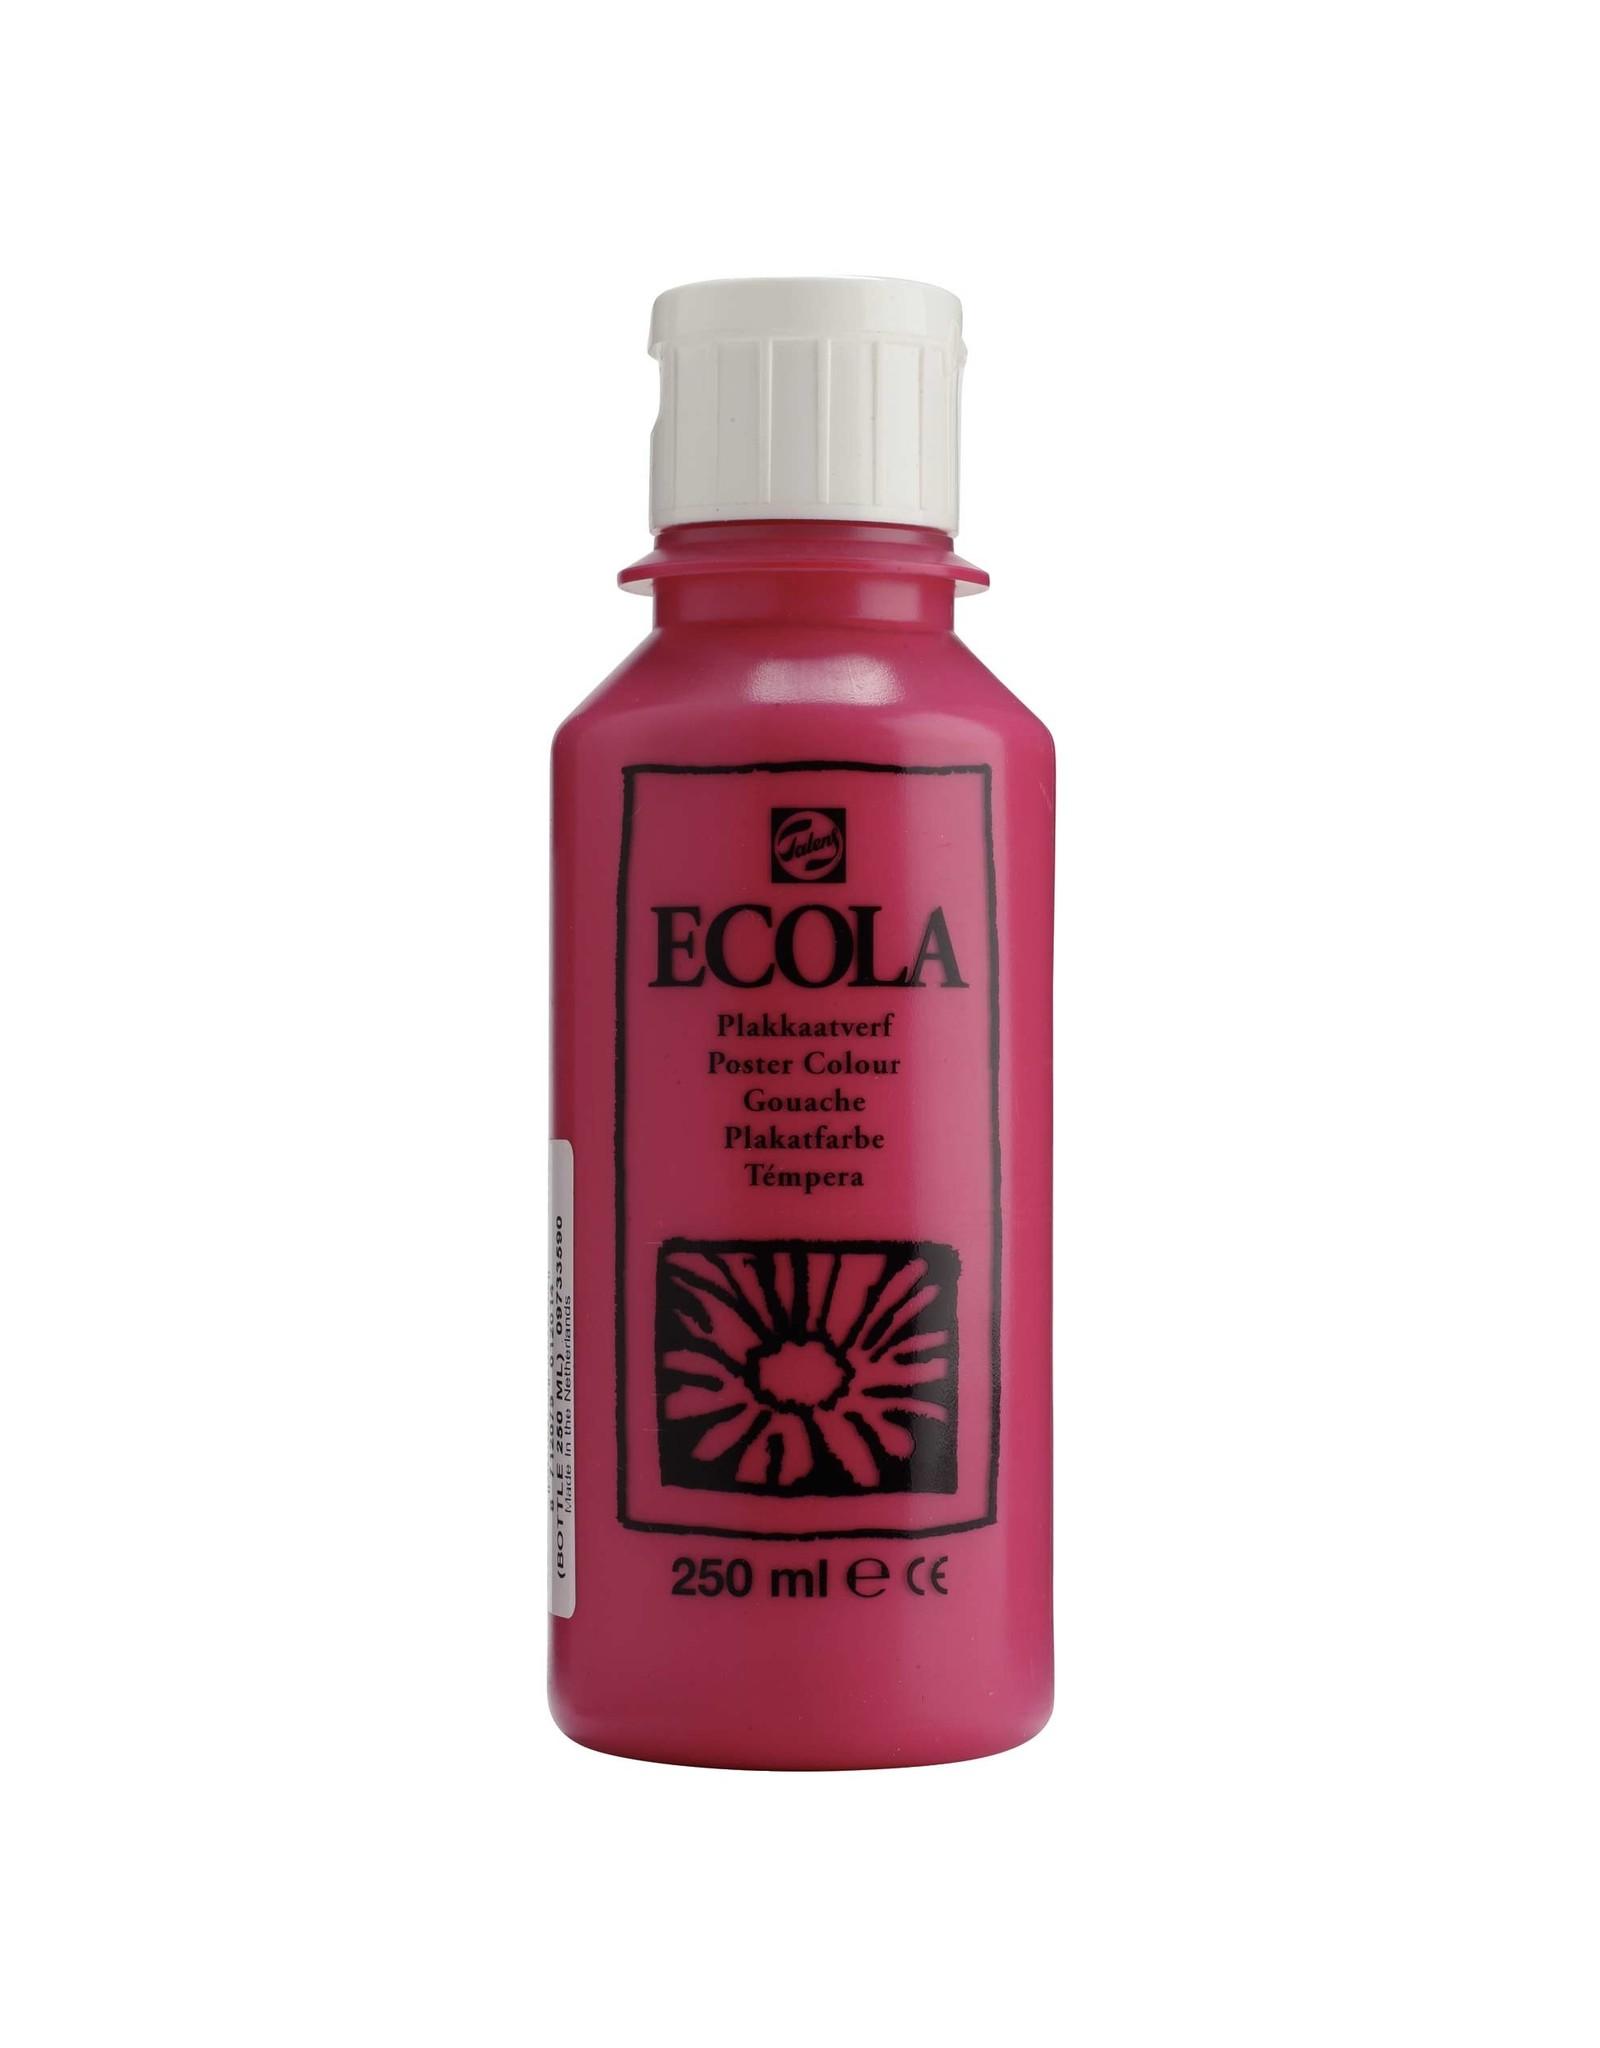 Ecola Plakkaatverf ecola 250ml